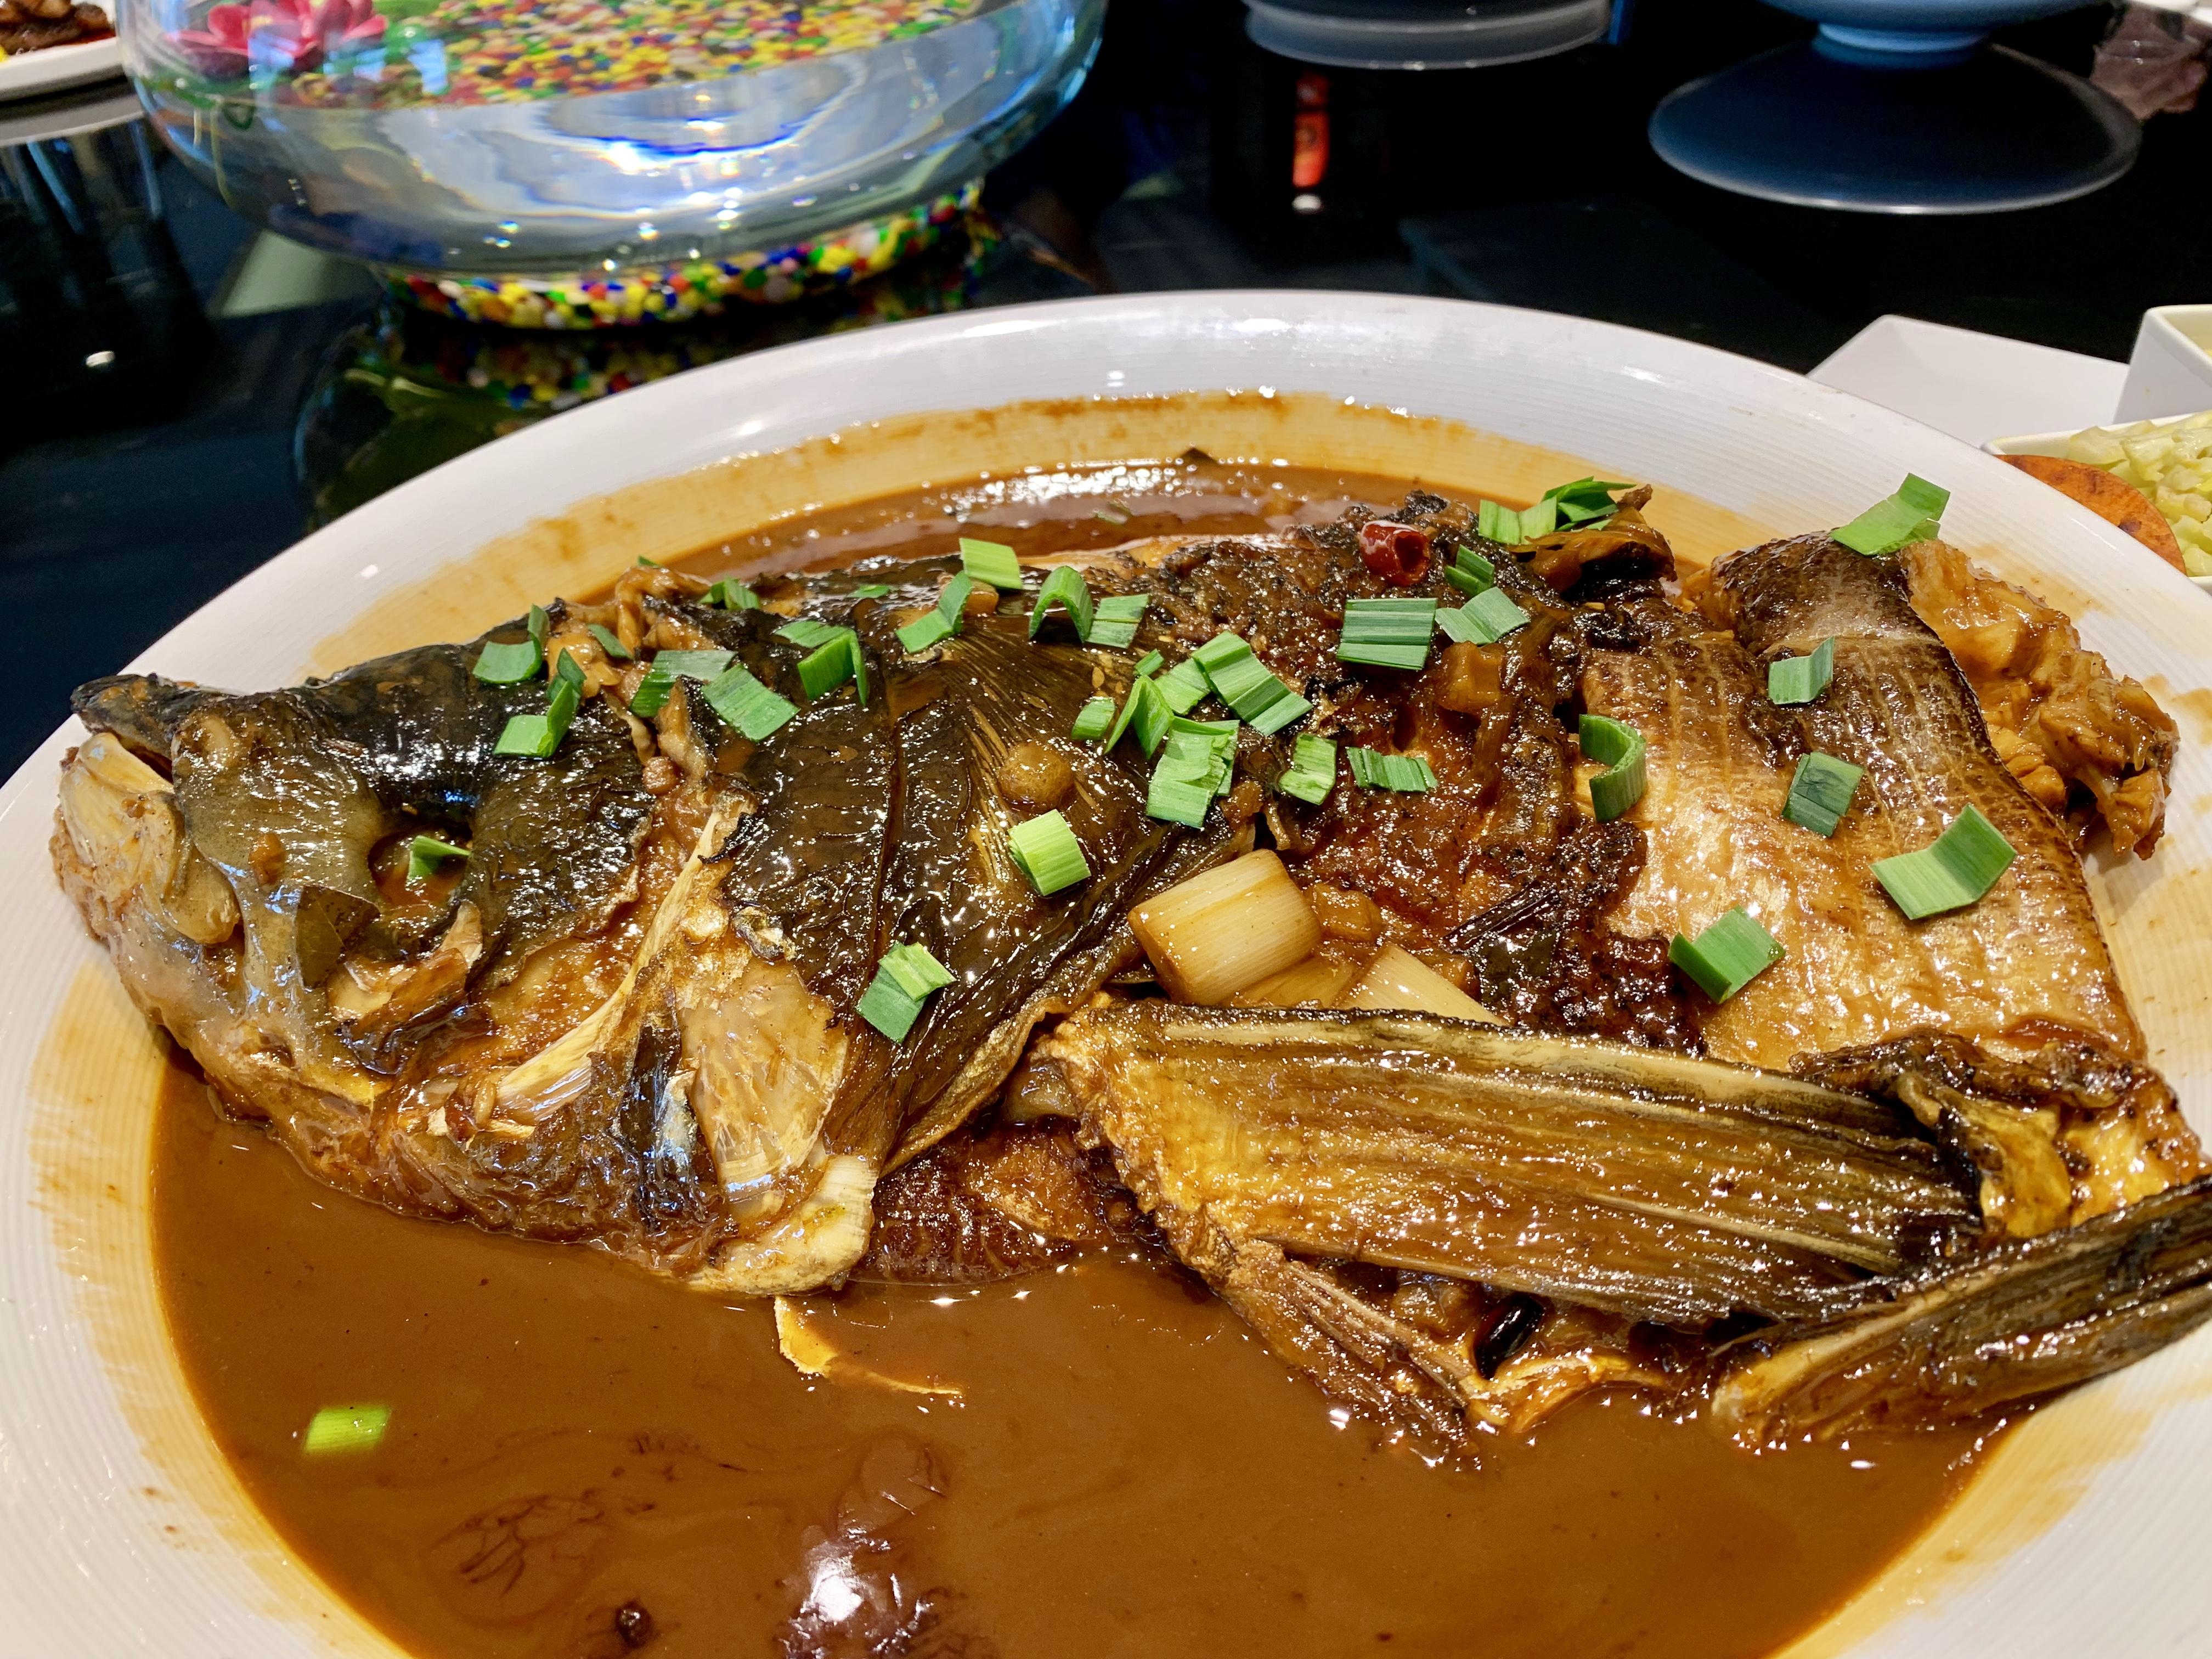 Fish: Hangzhou cuisine